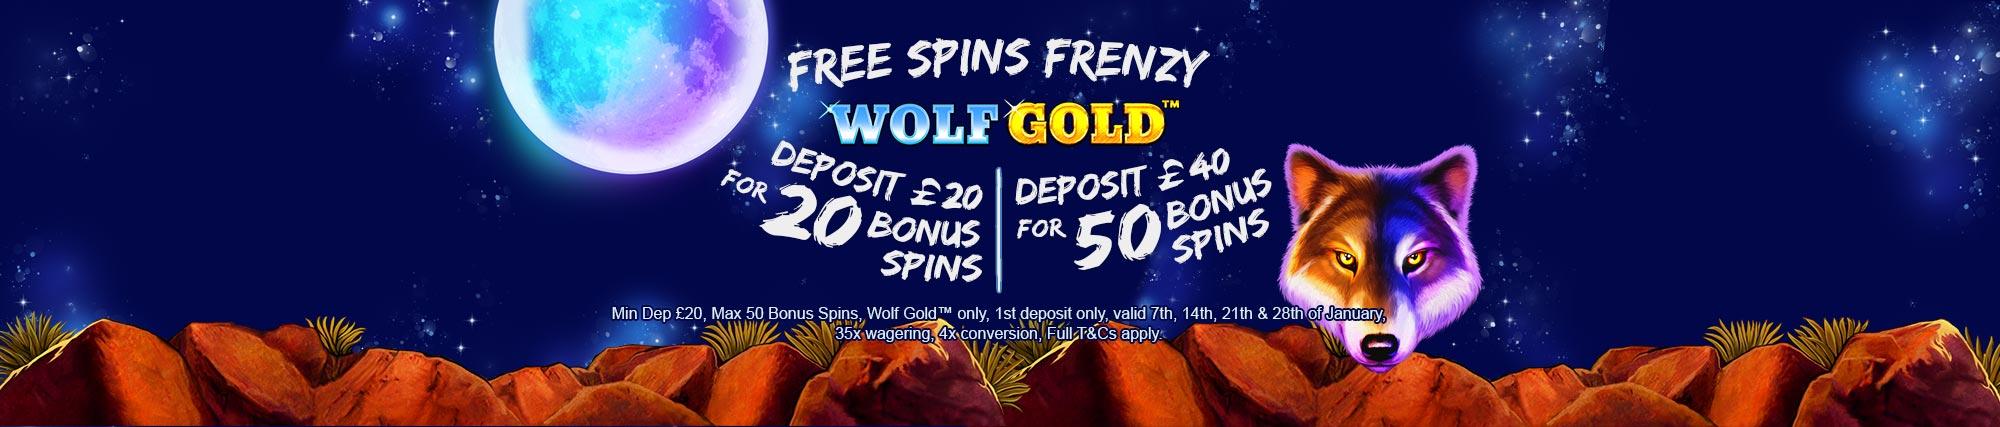 FreeSpinsFrenzy